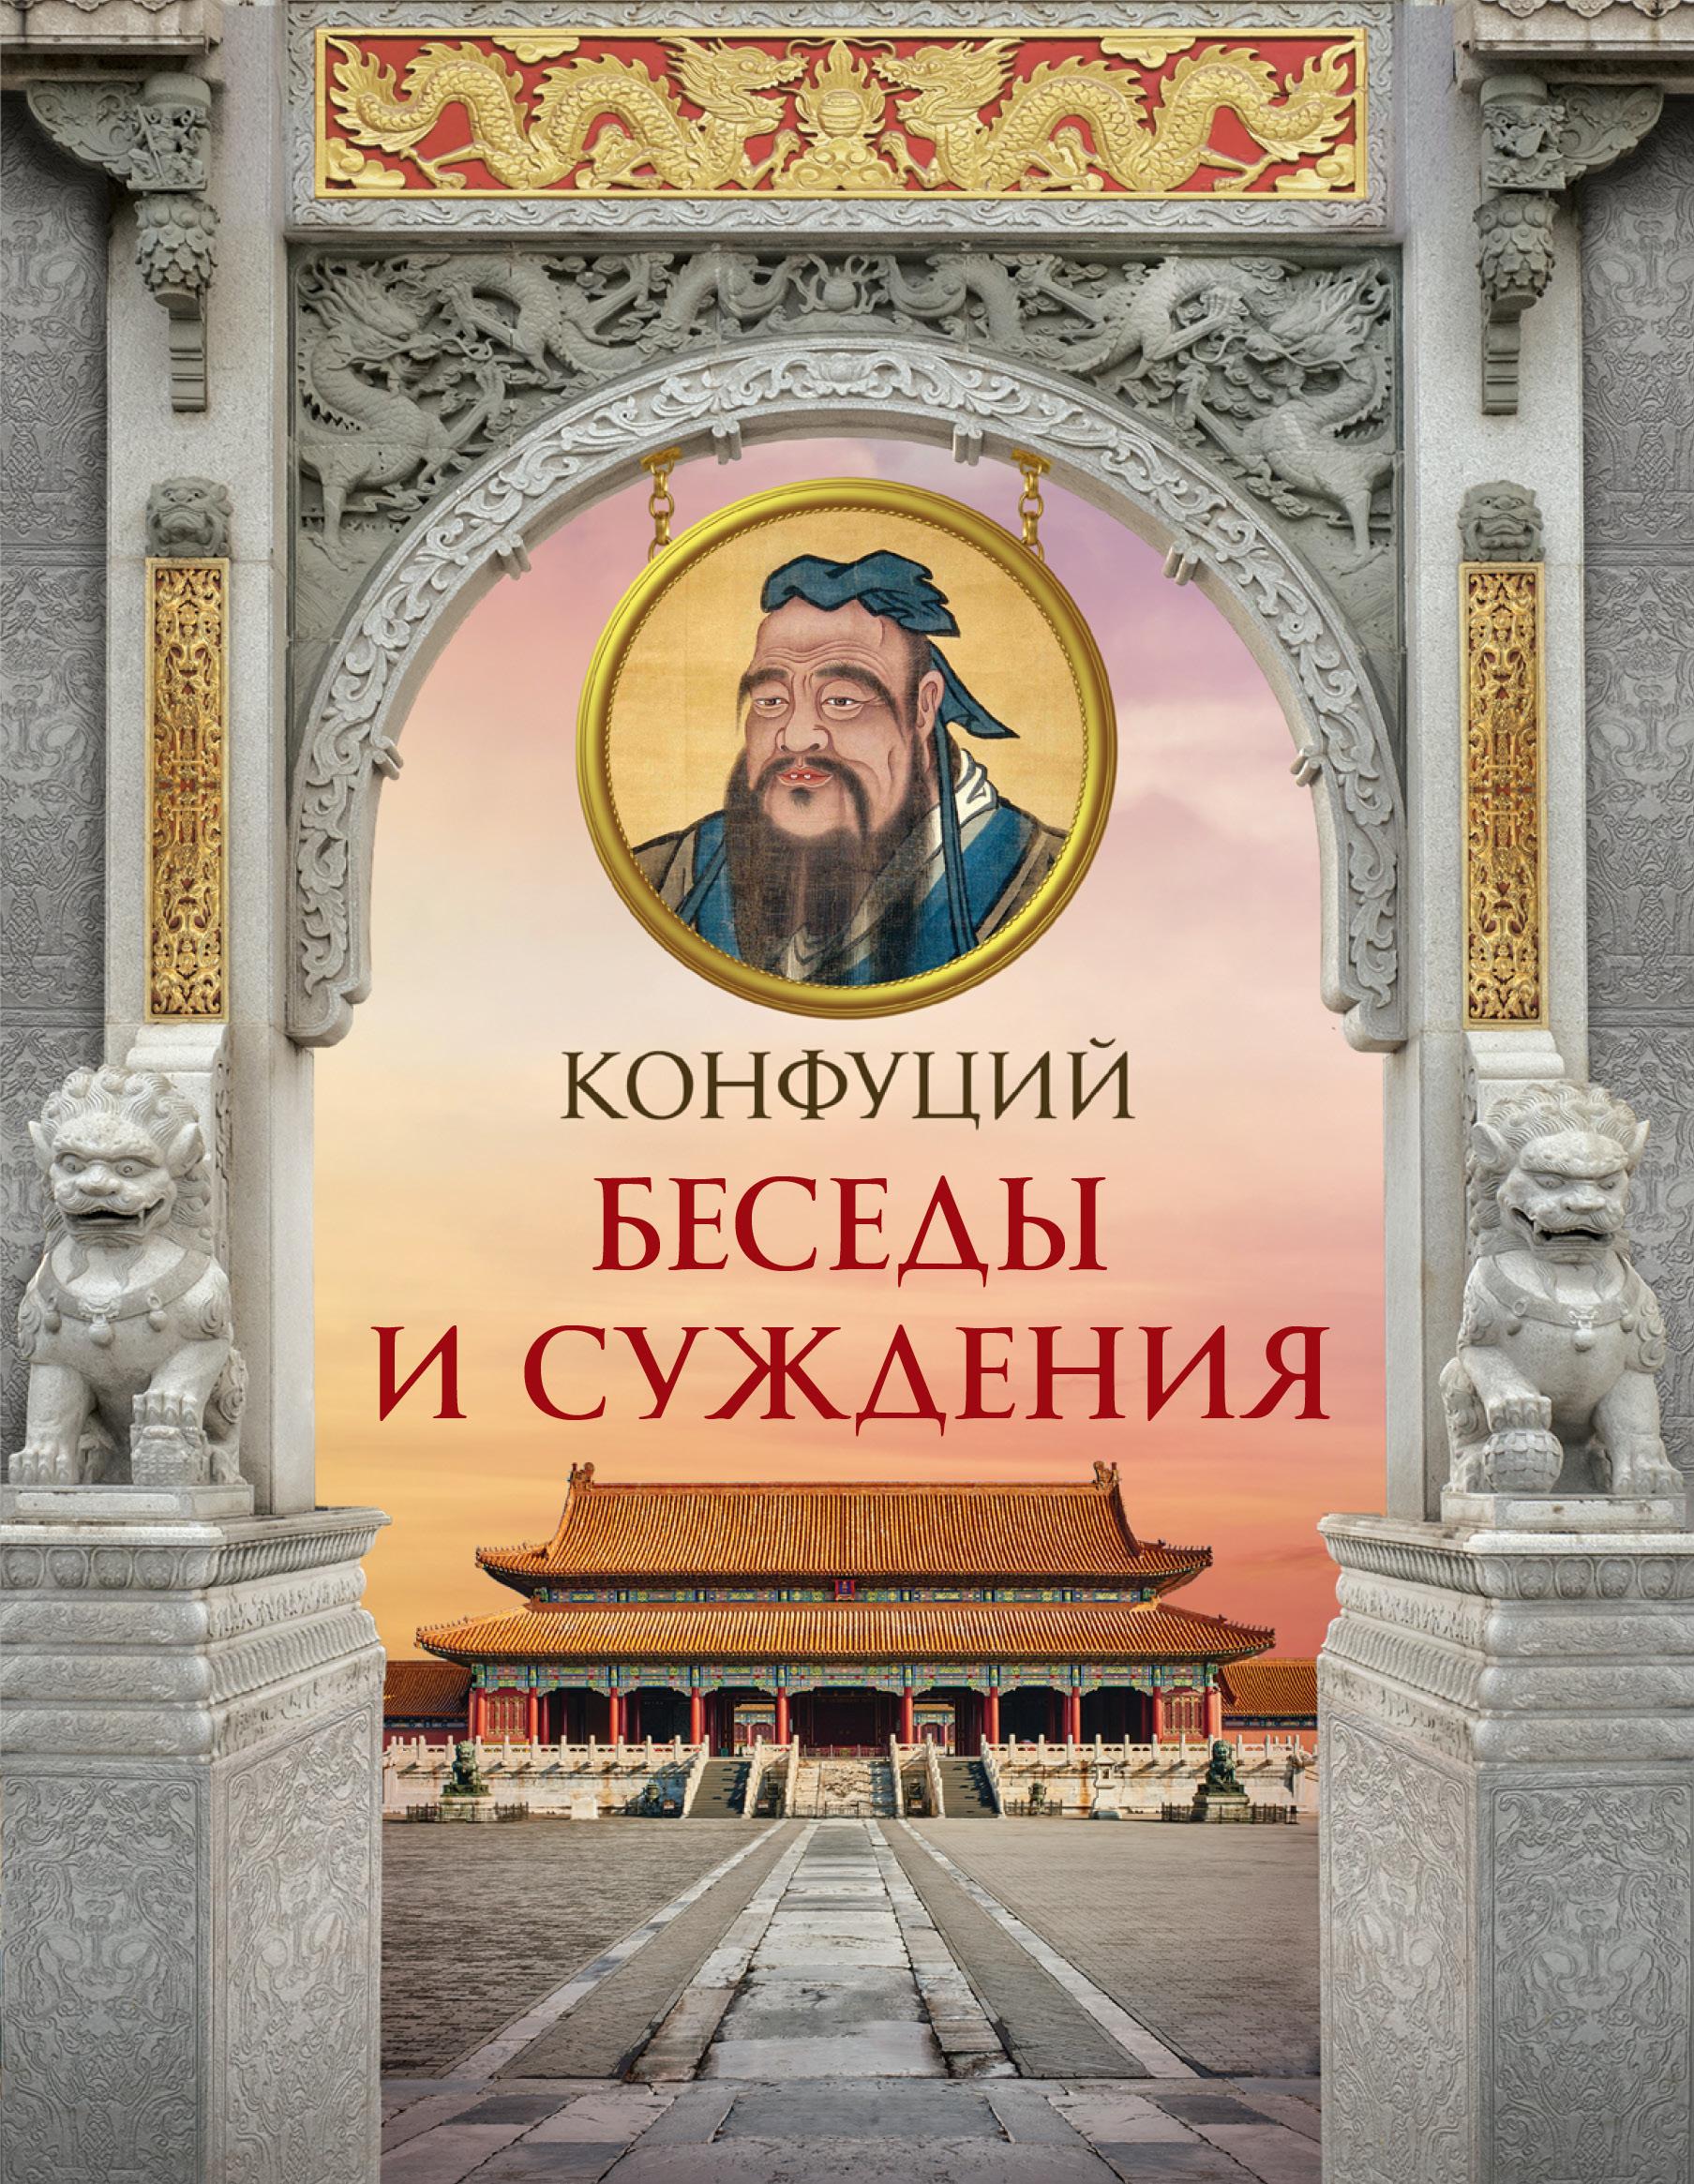 Фото - Конфуций Конфуций. Беседы и суждения беседы и суждения